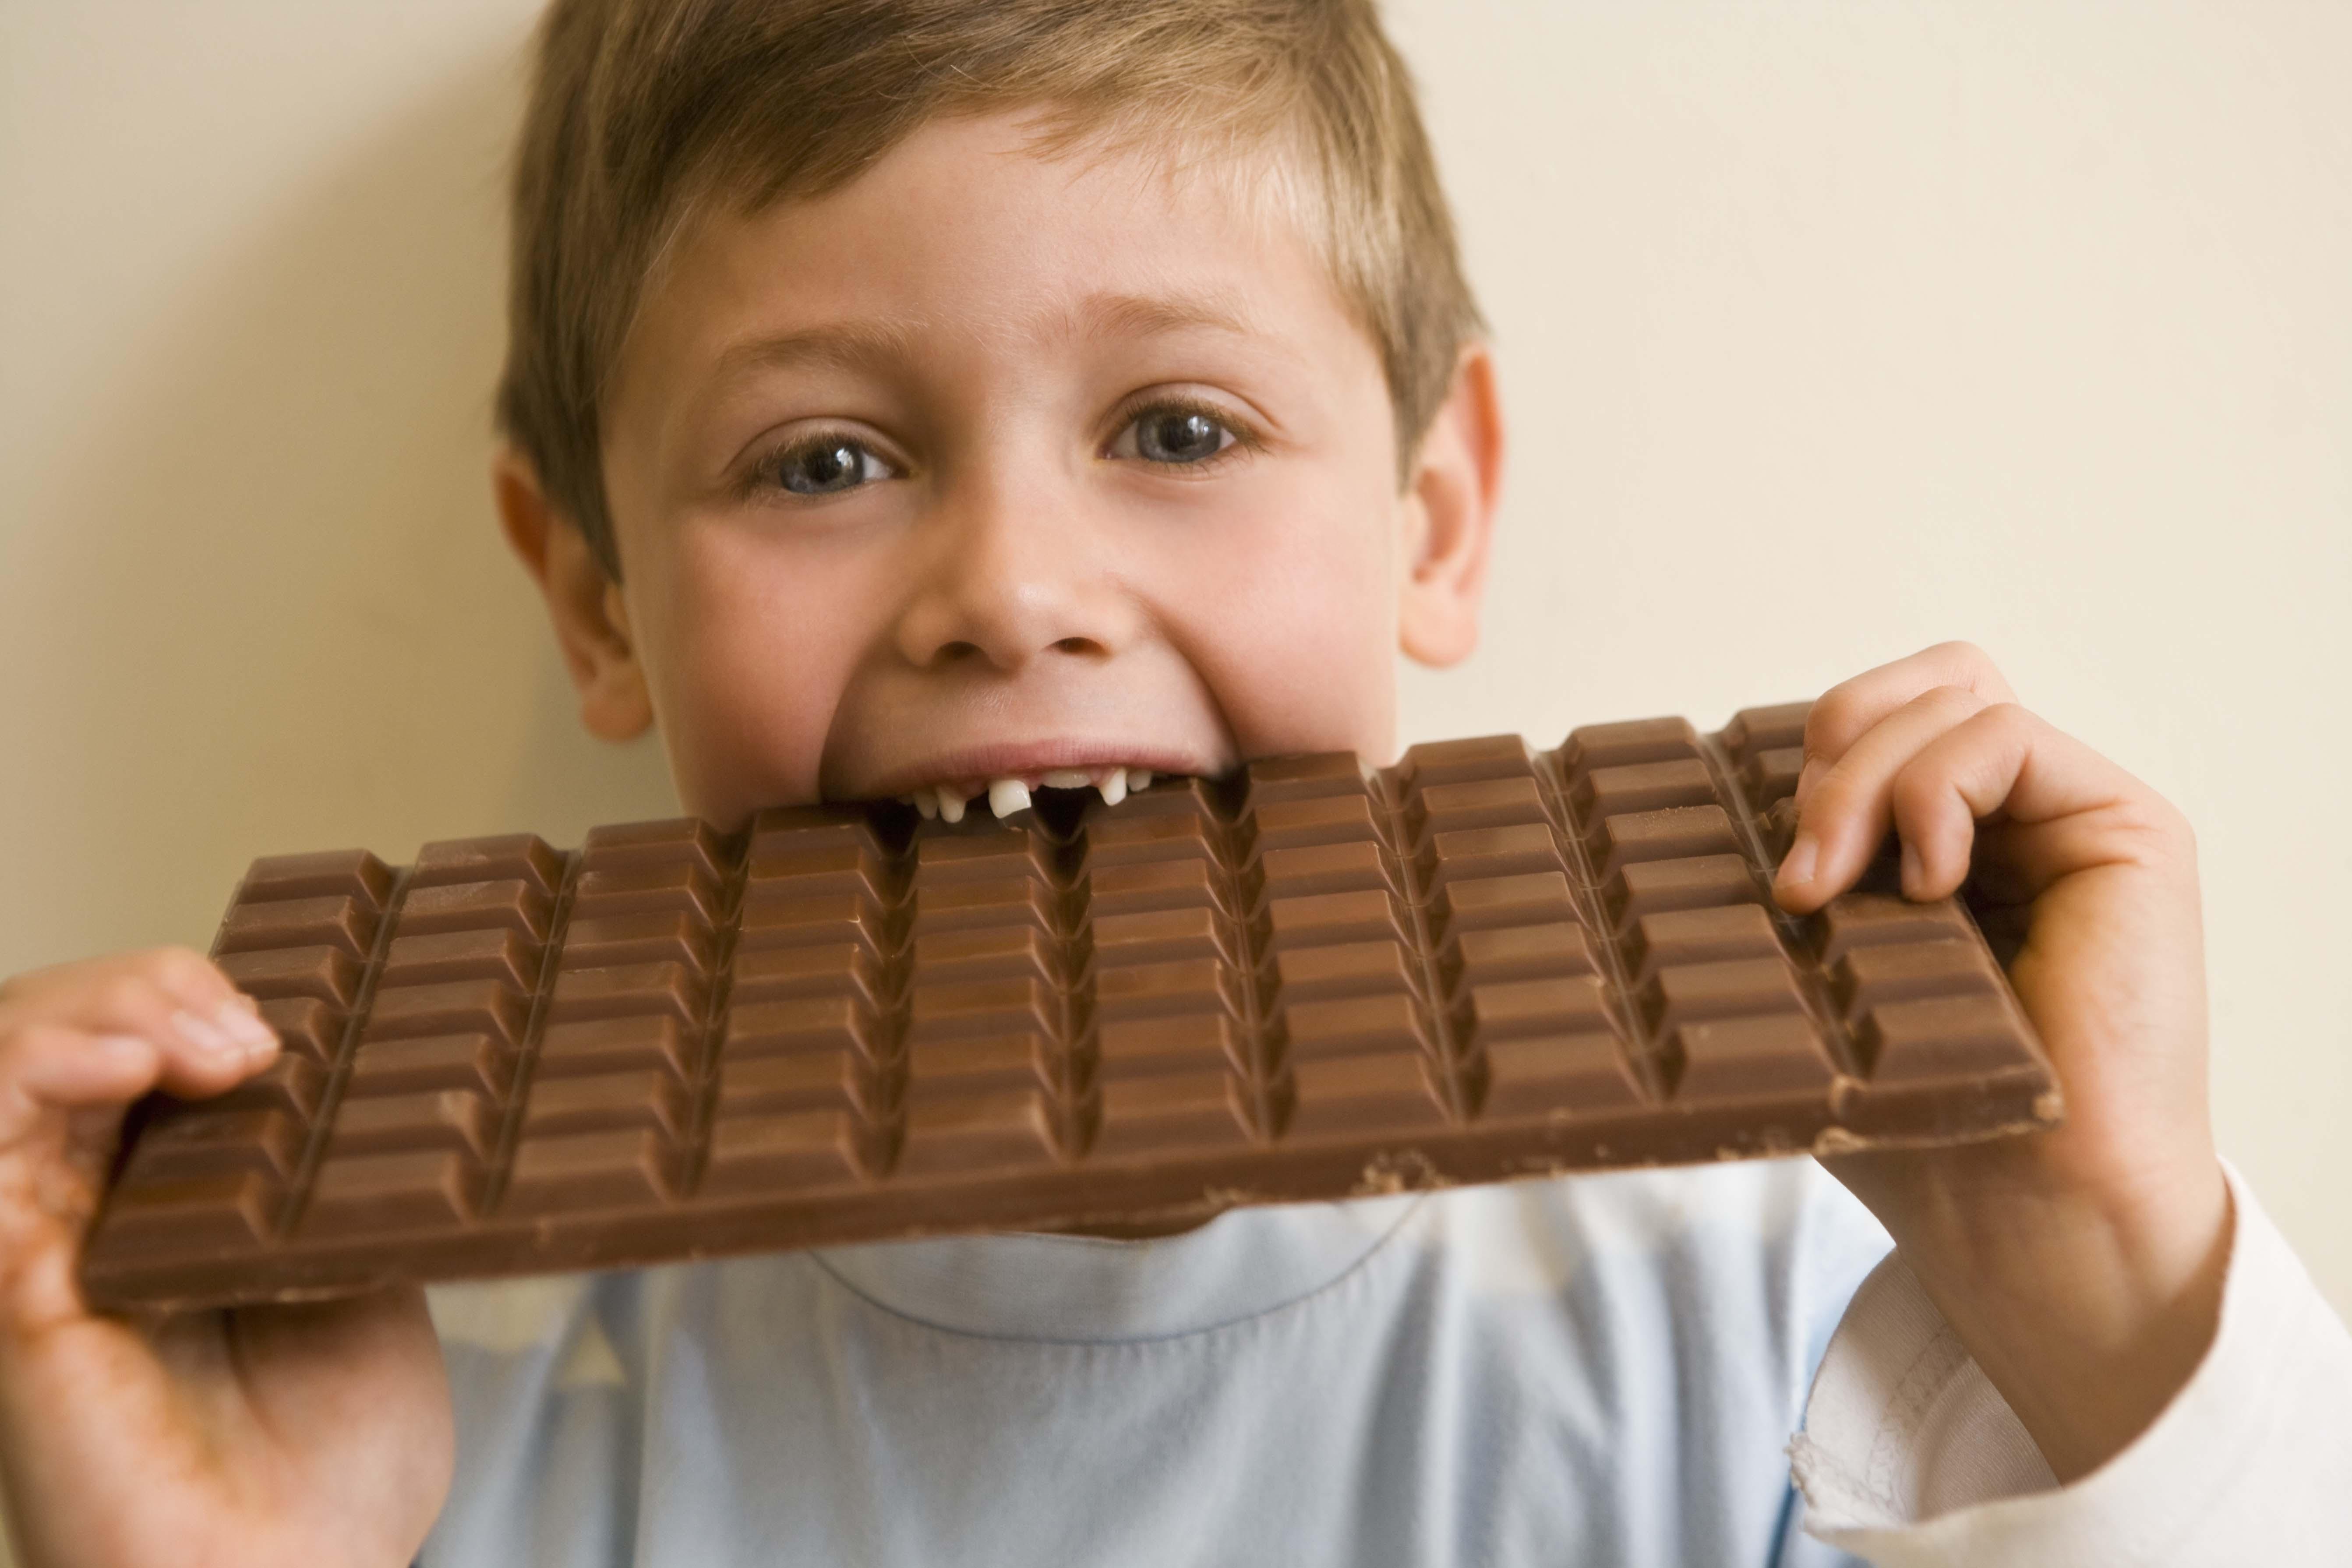 Шоколадные голые девочки, блондинка в шоколаде 2 фотография